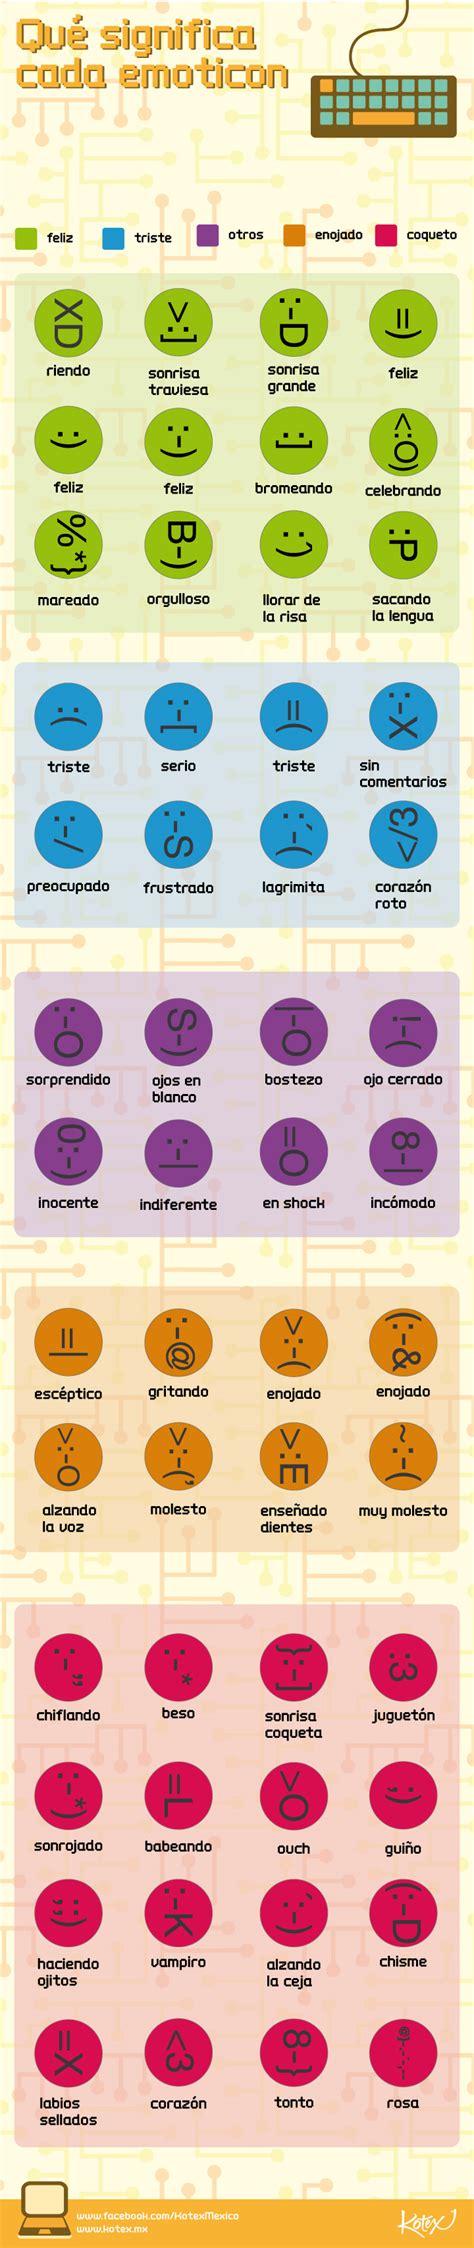 El significado de los emoticones #infografia #infographic ...